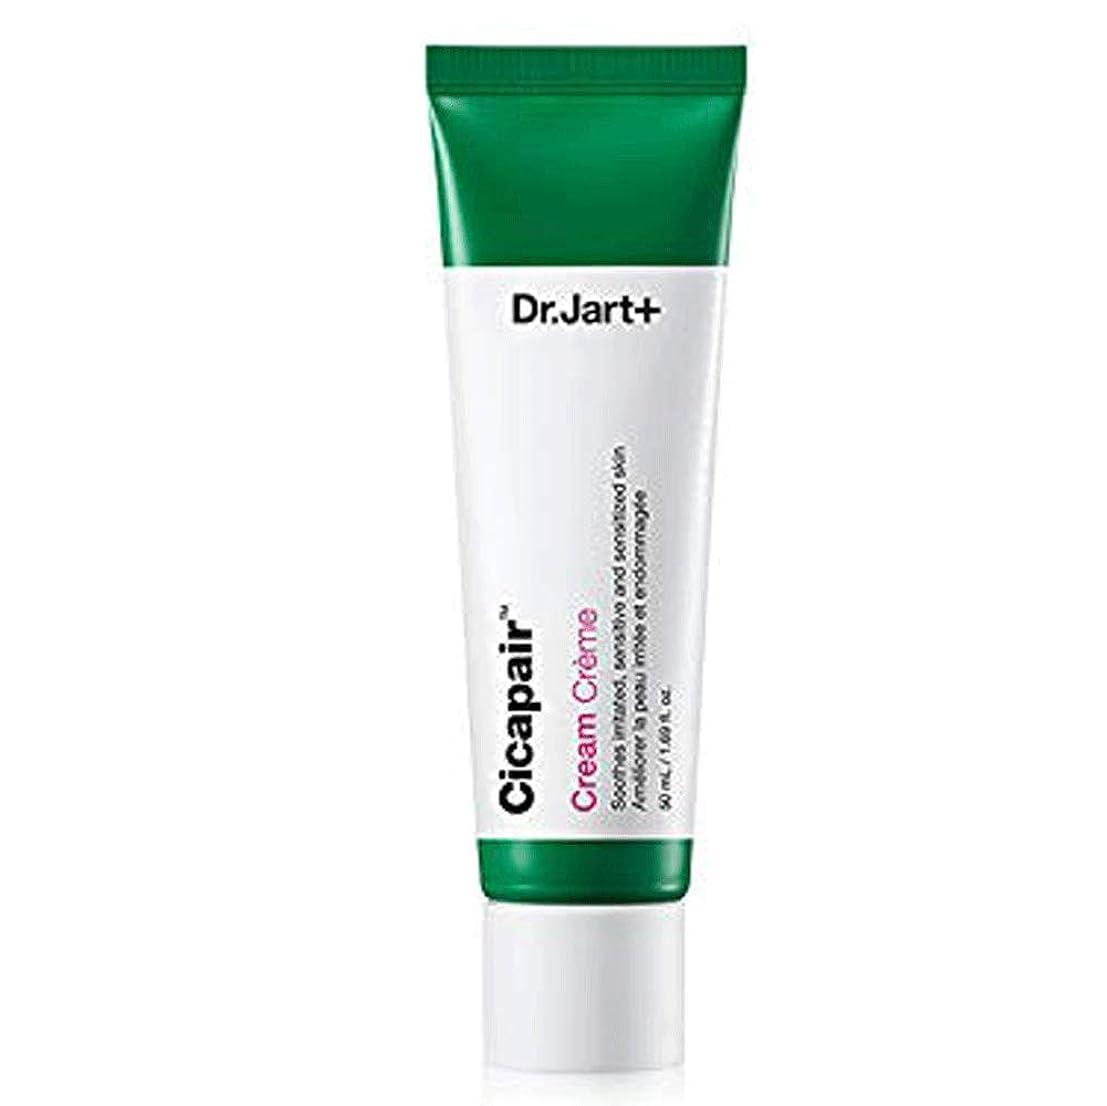 失業者かりて細分化するDr.Jart+ Cicapair Cream 50ml ドクタージャルト シカ ペア クリーム 50ml(2代目) [並行輸入品]